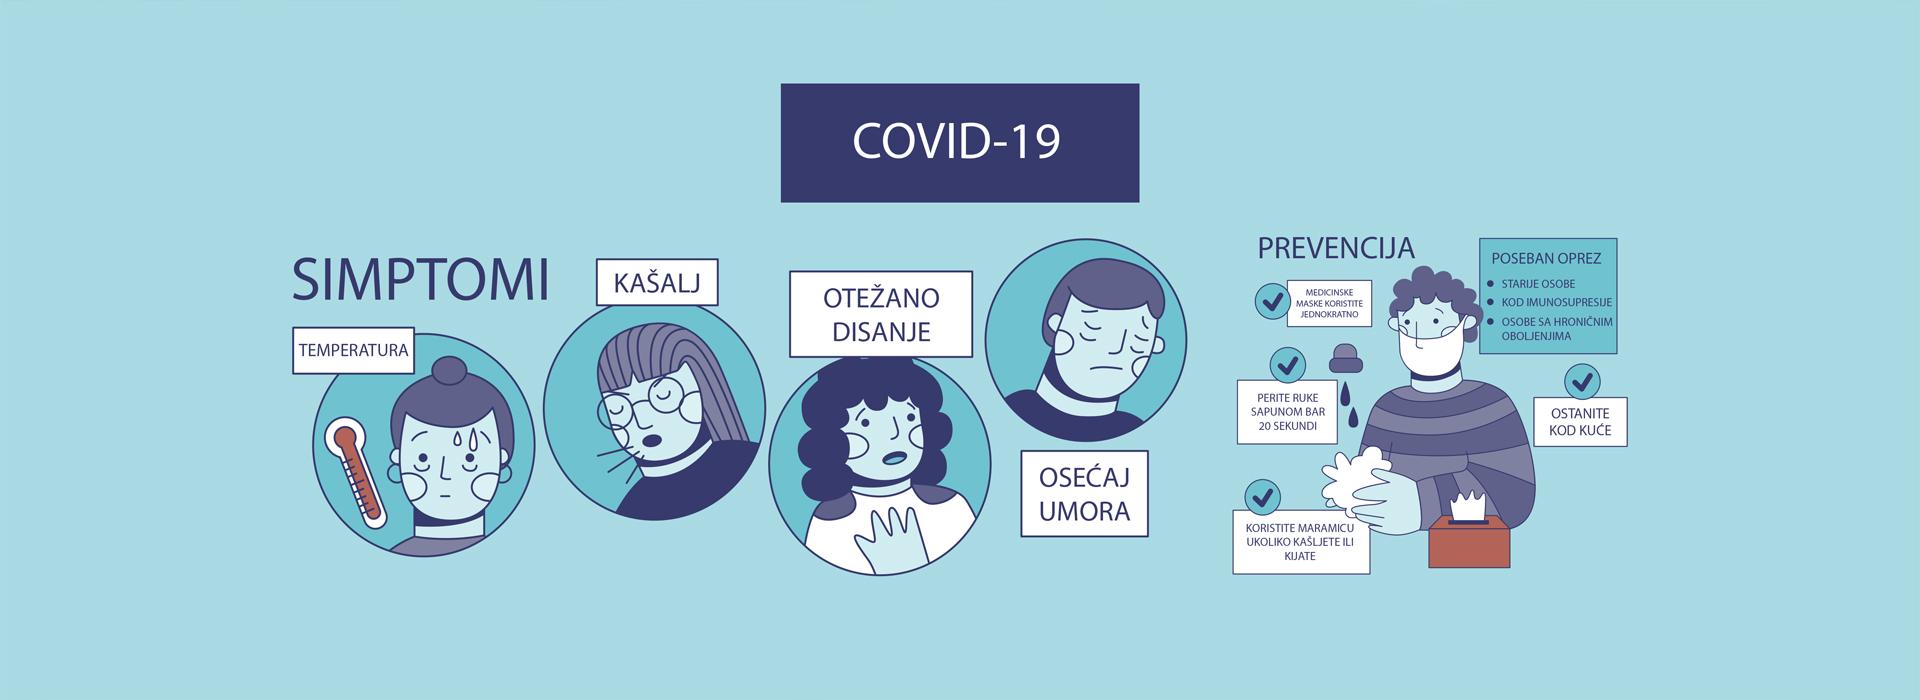 covid19-simptomi